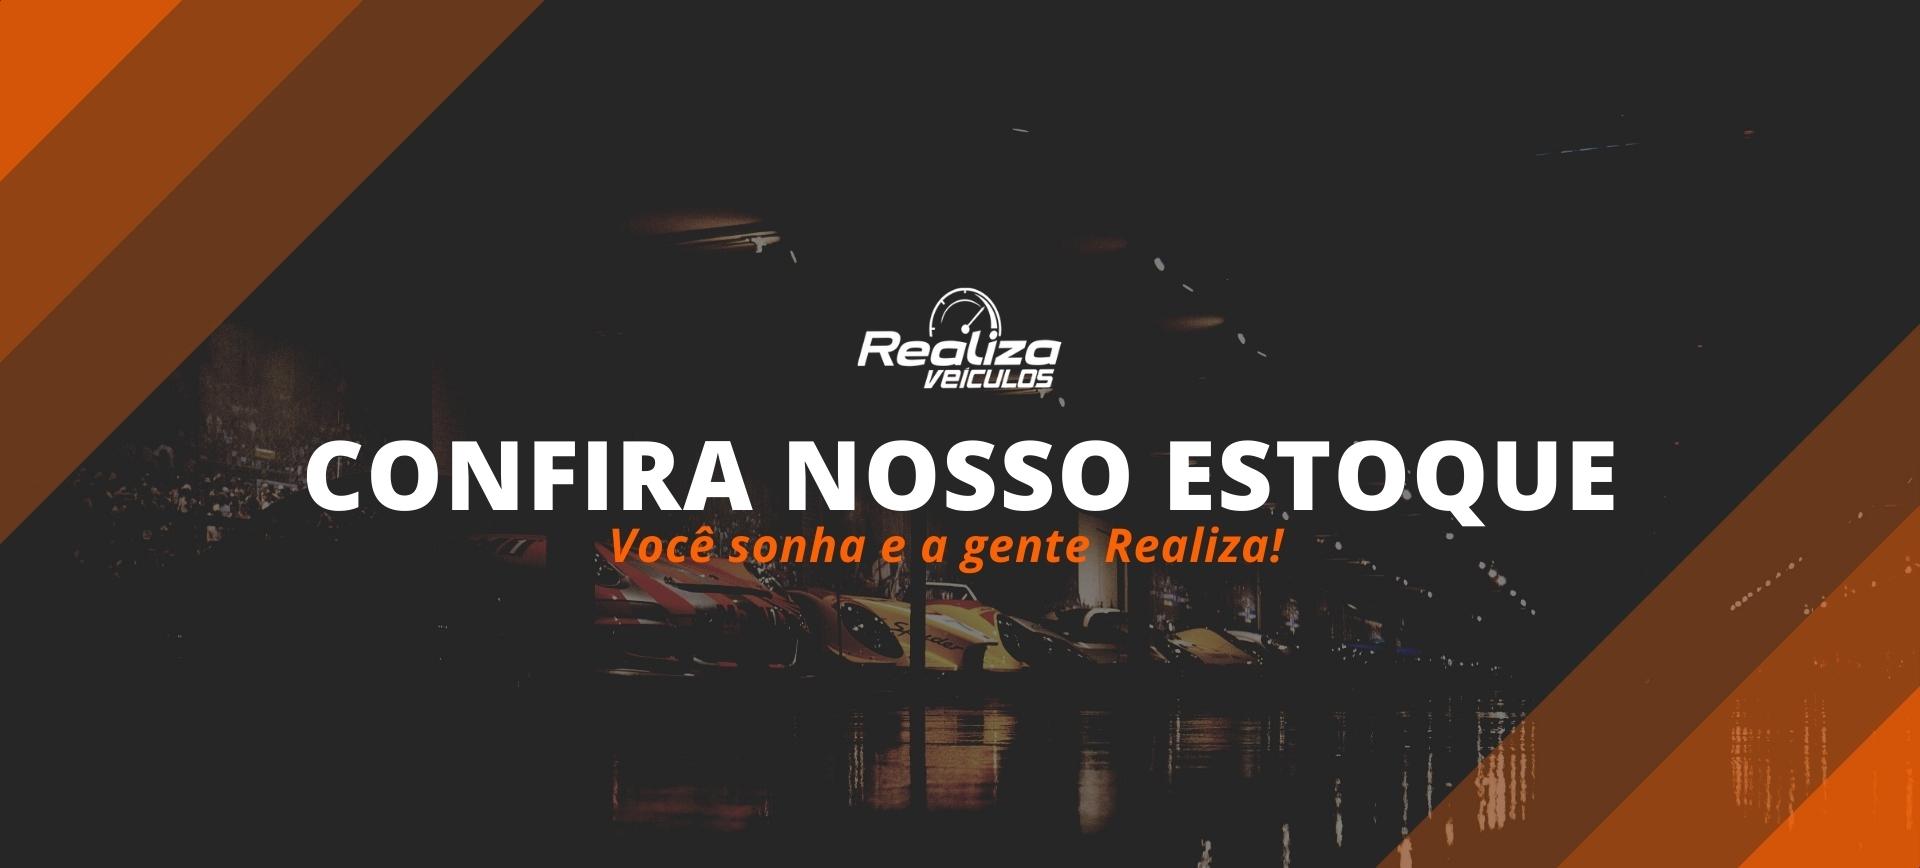 CONFIRA NOSSO ESTOQUE